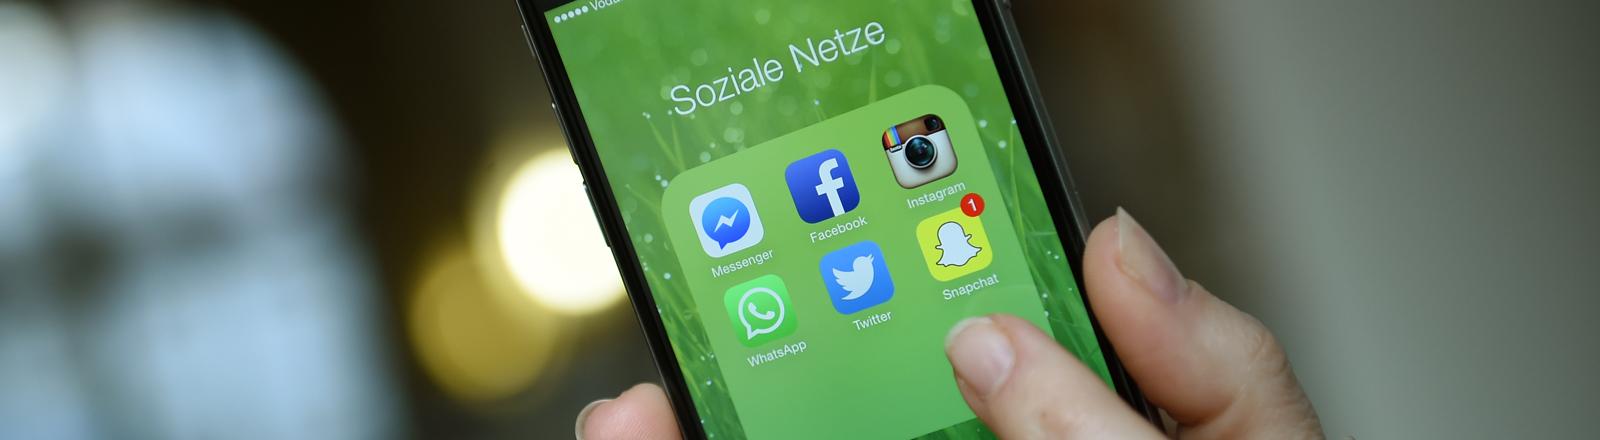 """Auf einem iphone 6 sind am 20.03.2015 die Apps """"facebook"""", """"whats app"""", """"instagram"""", """"Twitter"""", """"Snapchat"""" und """"Messenger"""" zu sehen."""